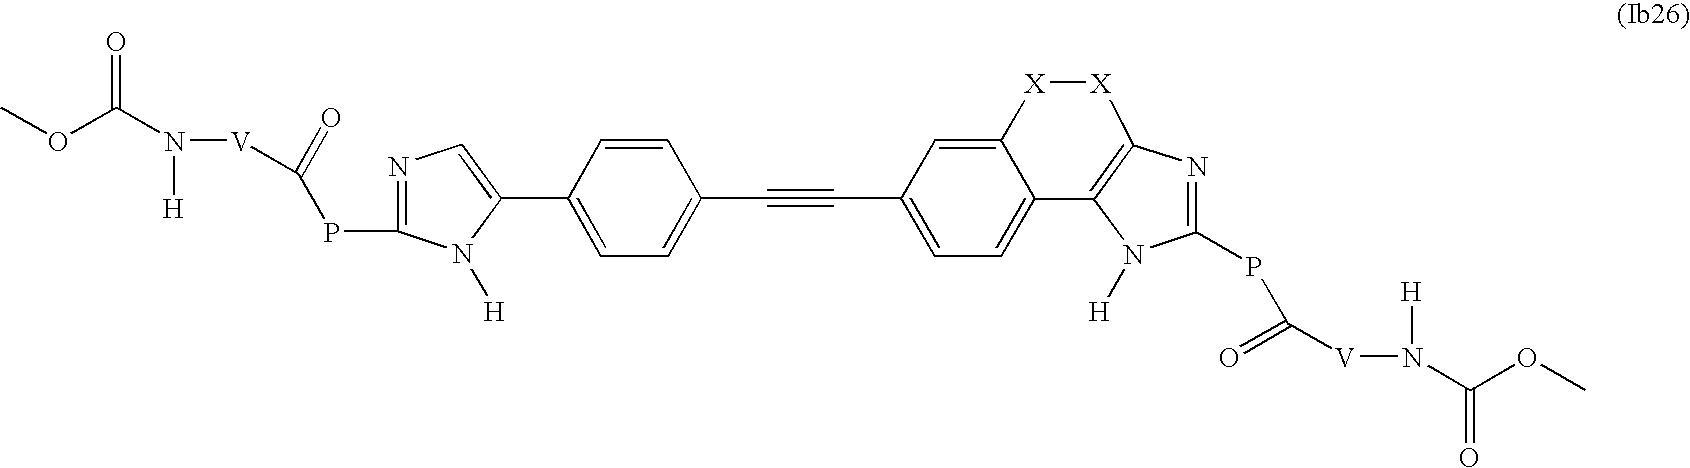 Figure US08088368-20120103-C00380